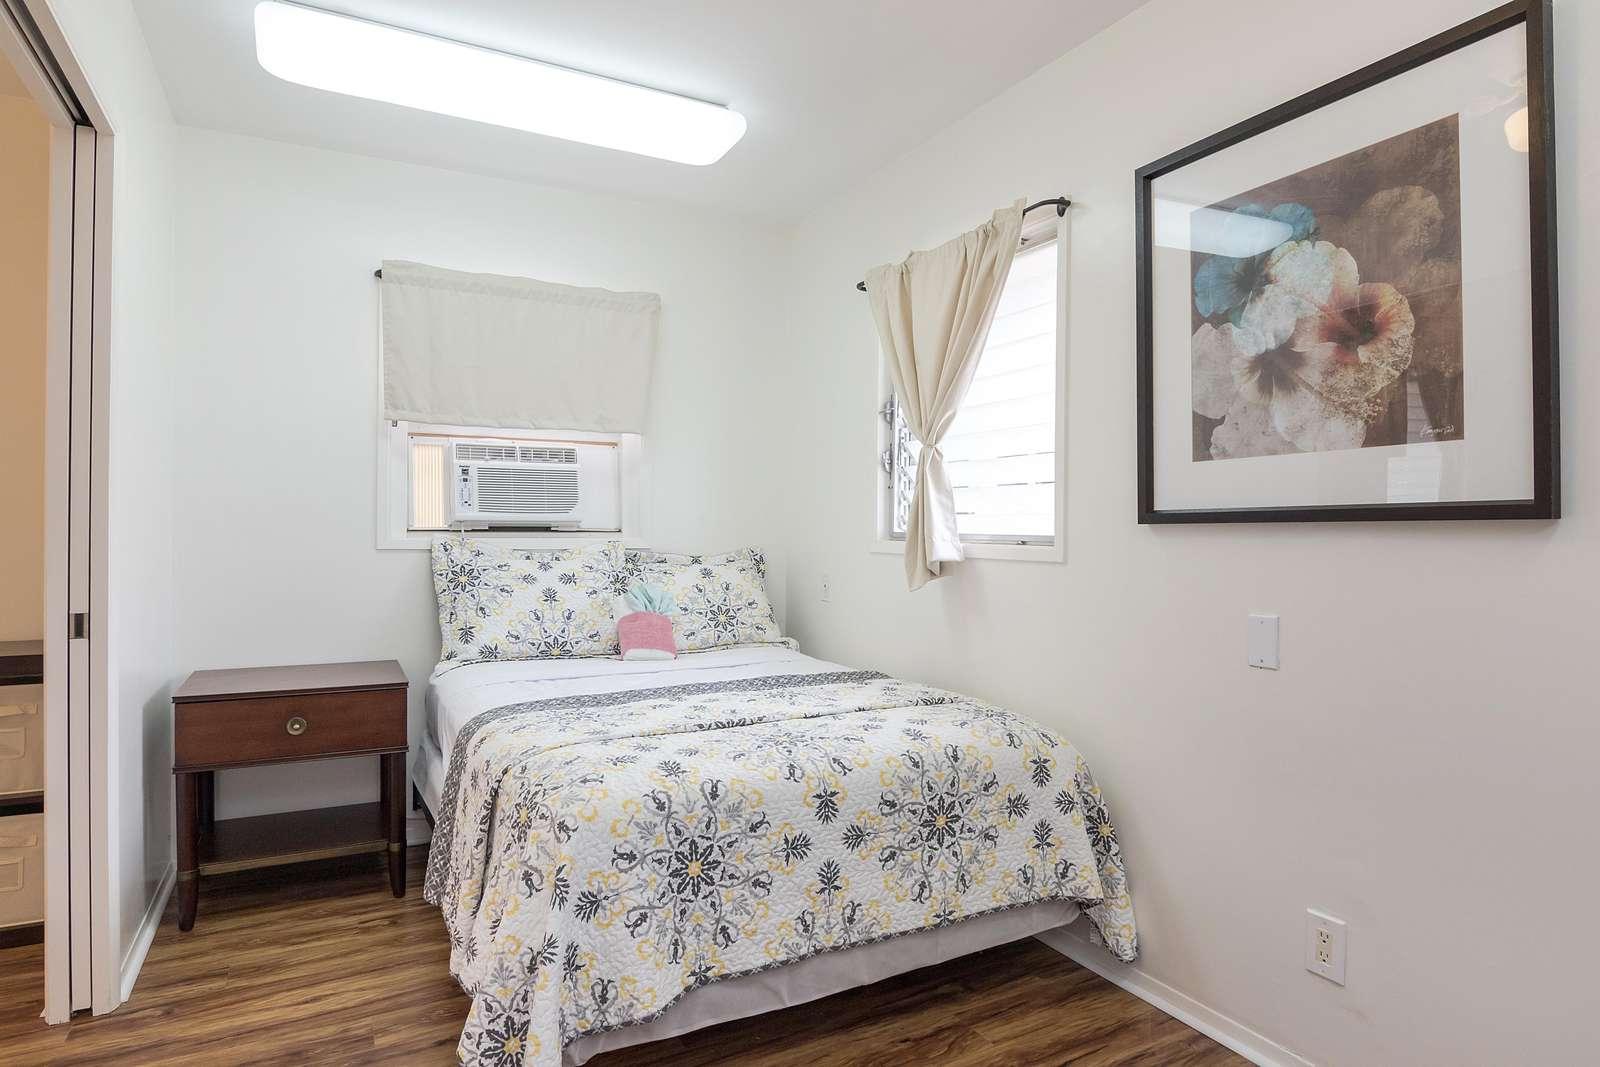 Bedroom B with lockable pocket door connecting to Master bedroom